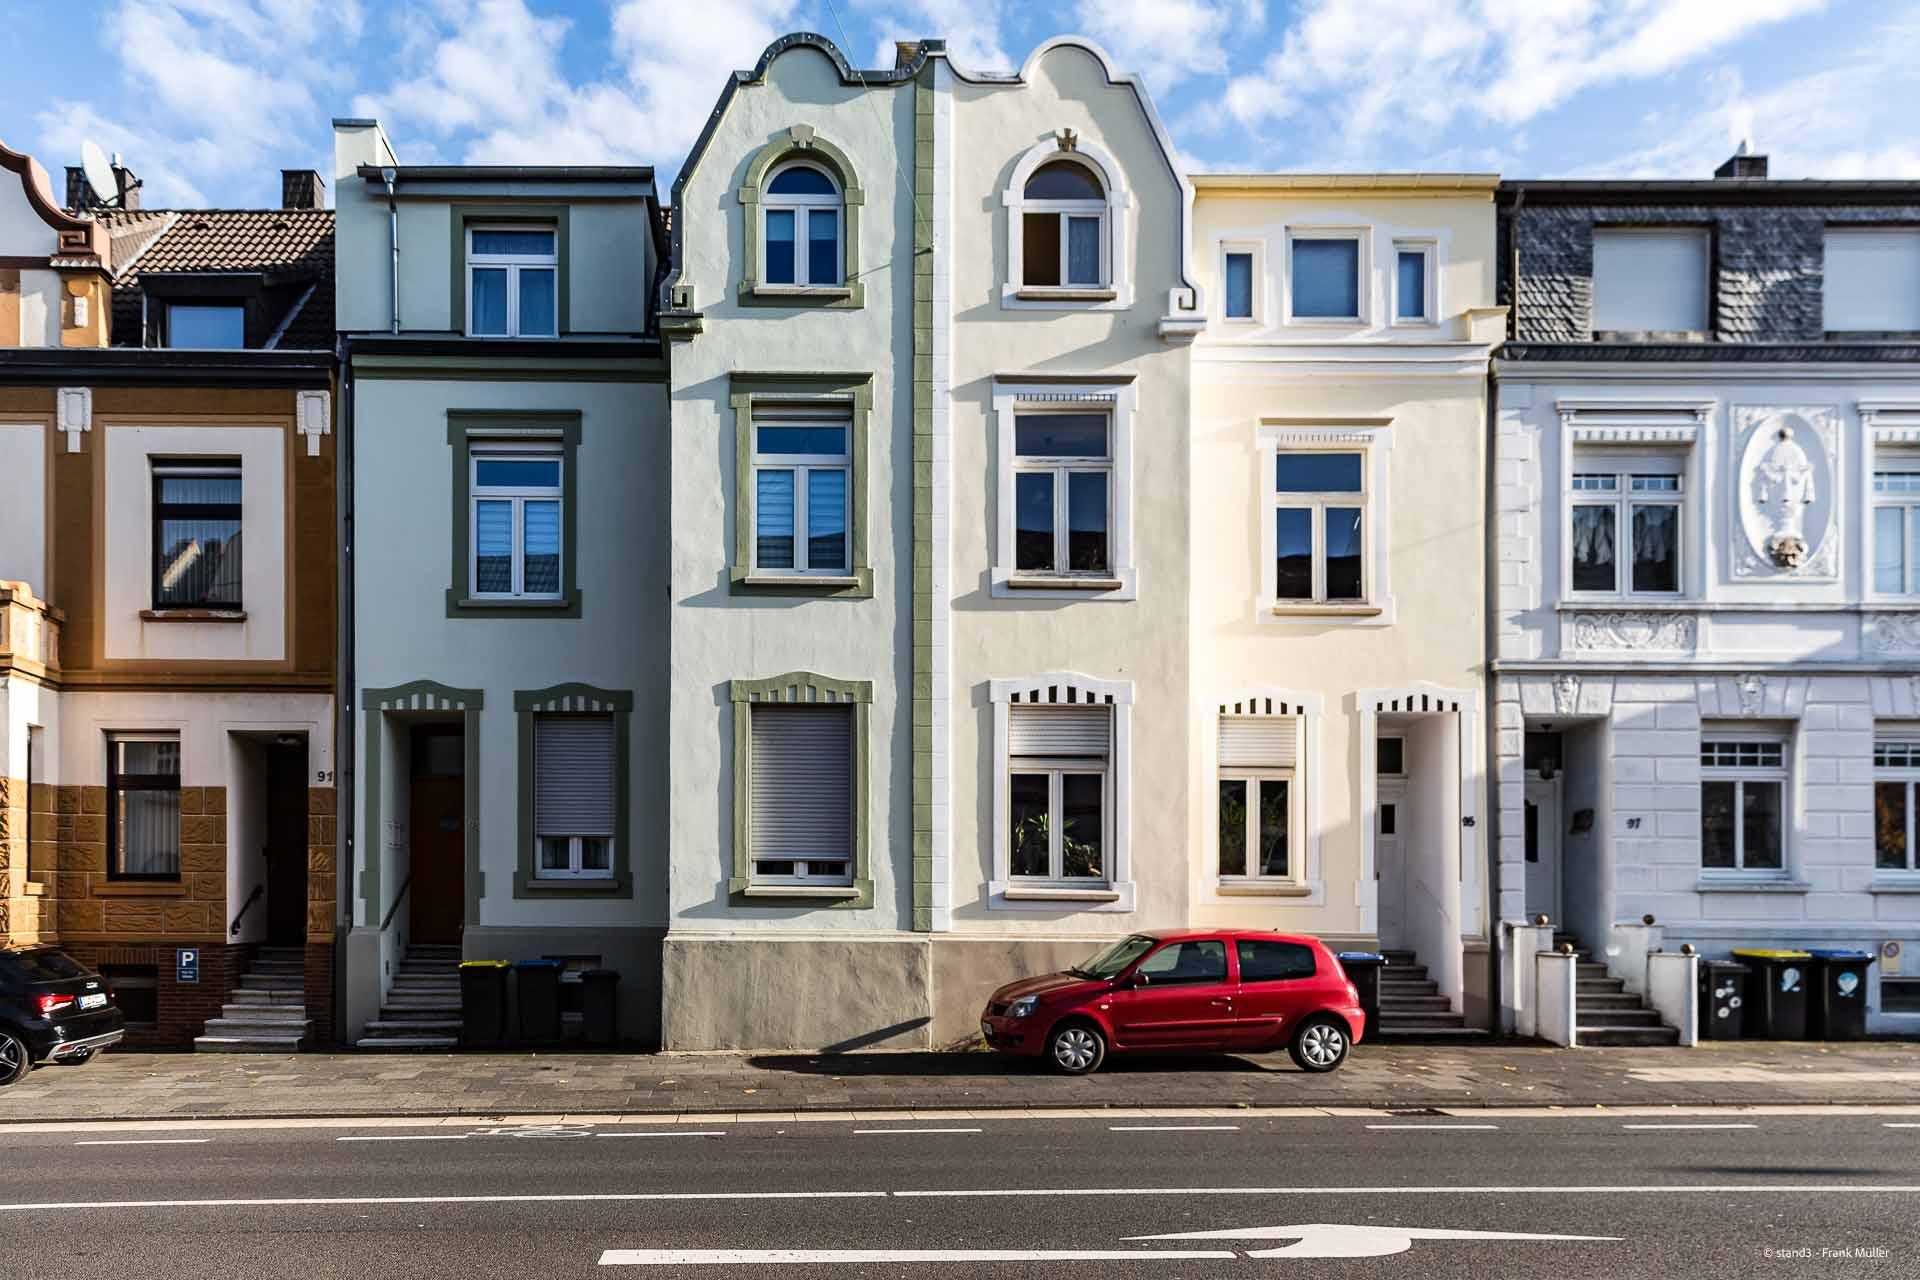 altbau wie hoch darf die miete im altbau sein berliner altbau altbau fit fr die zukunft. Black Bedroom Furniture Sets. Home Design Ideas